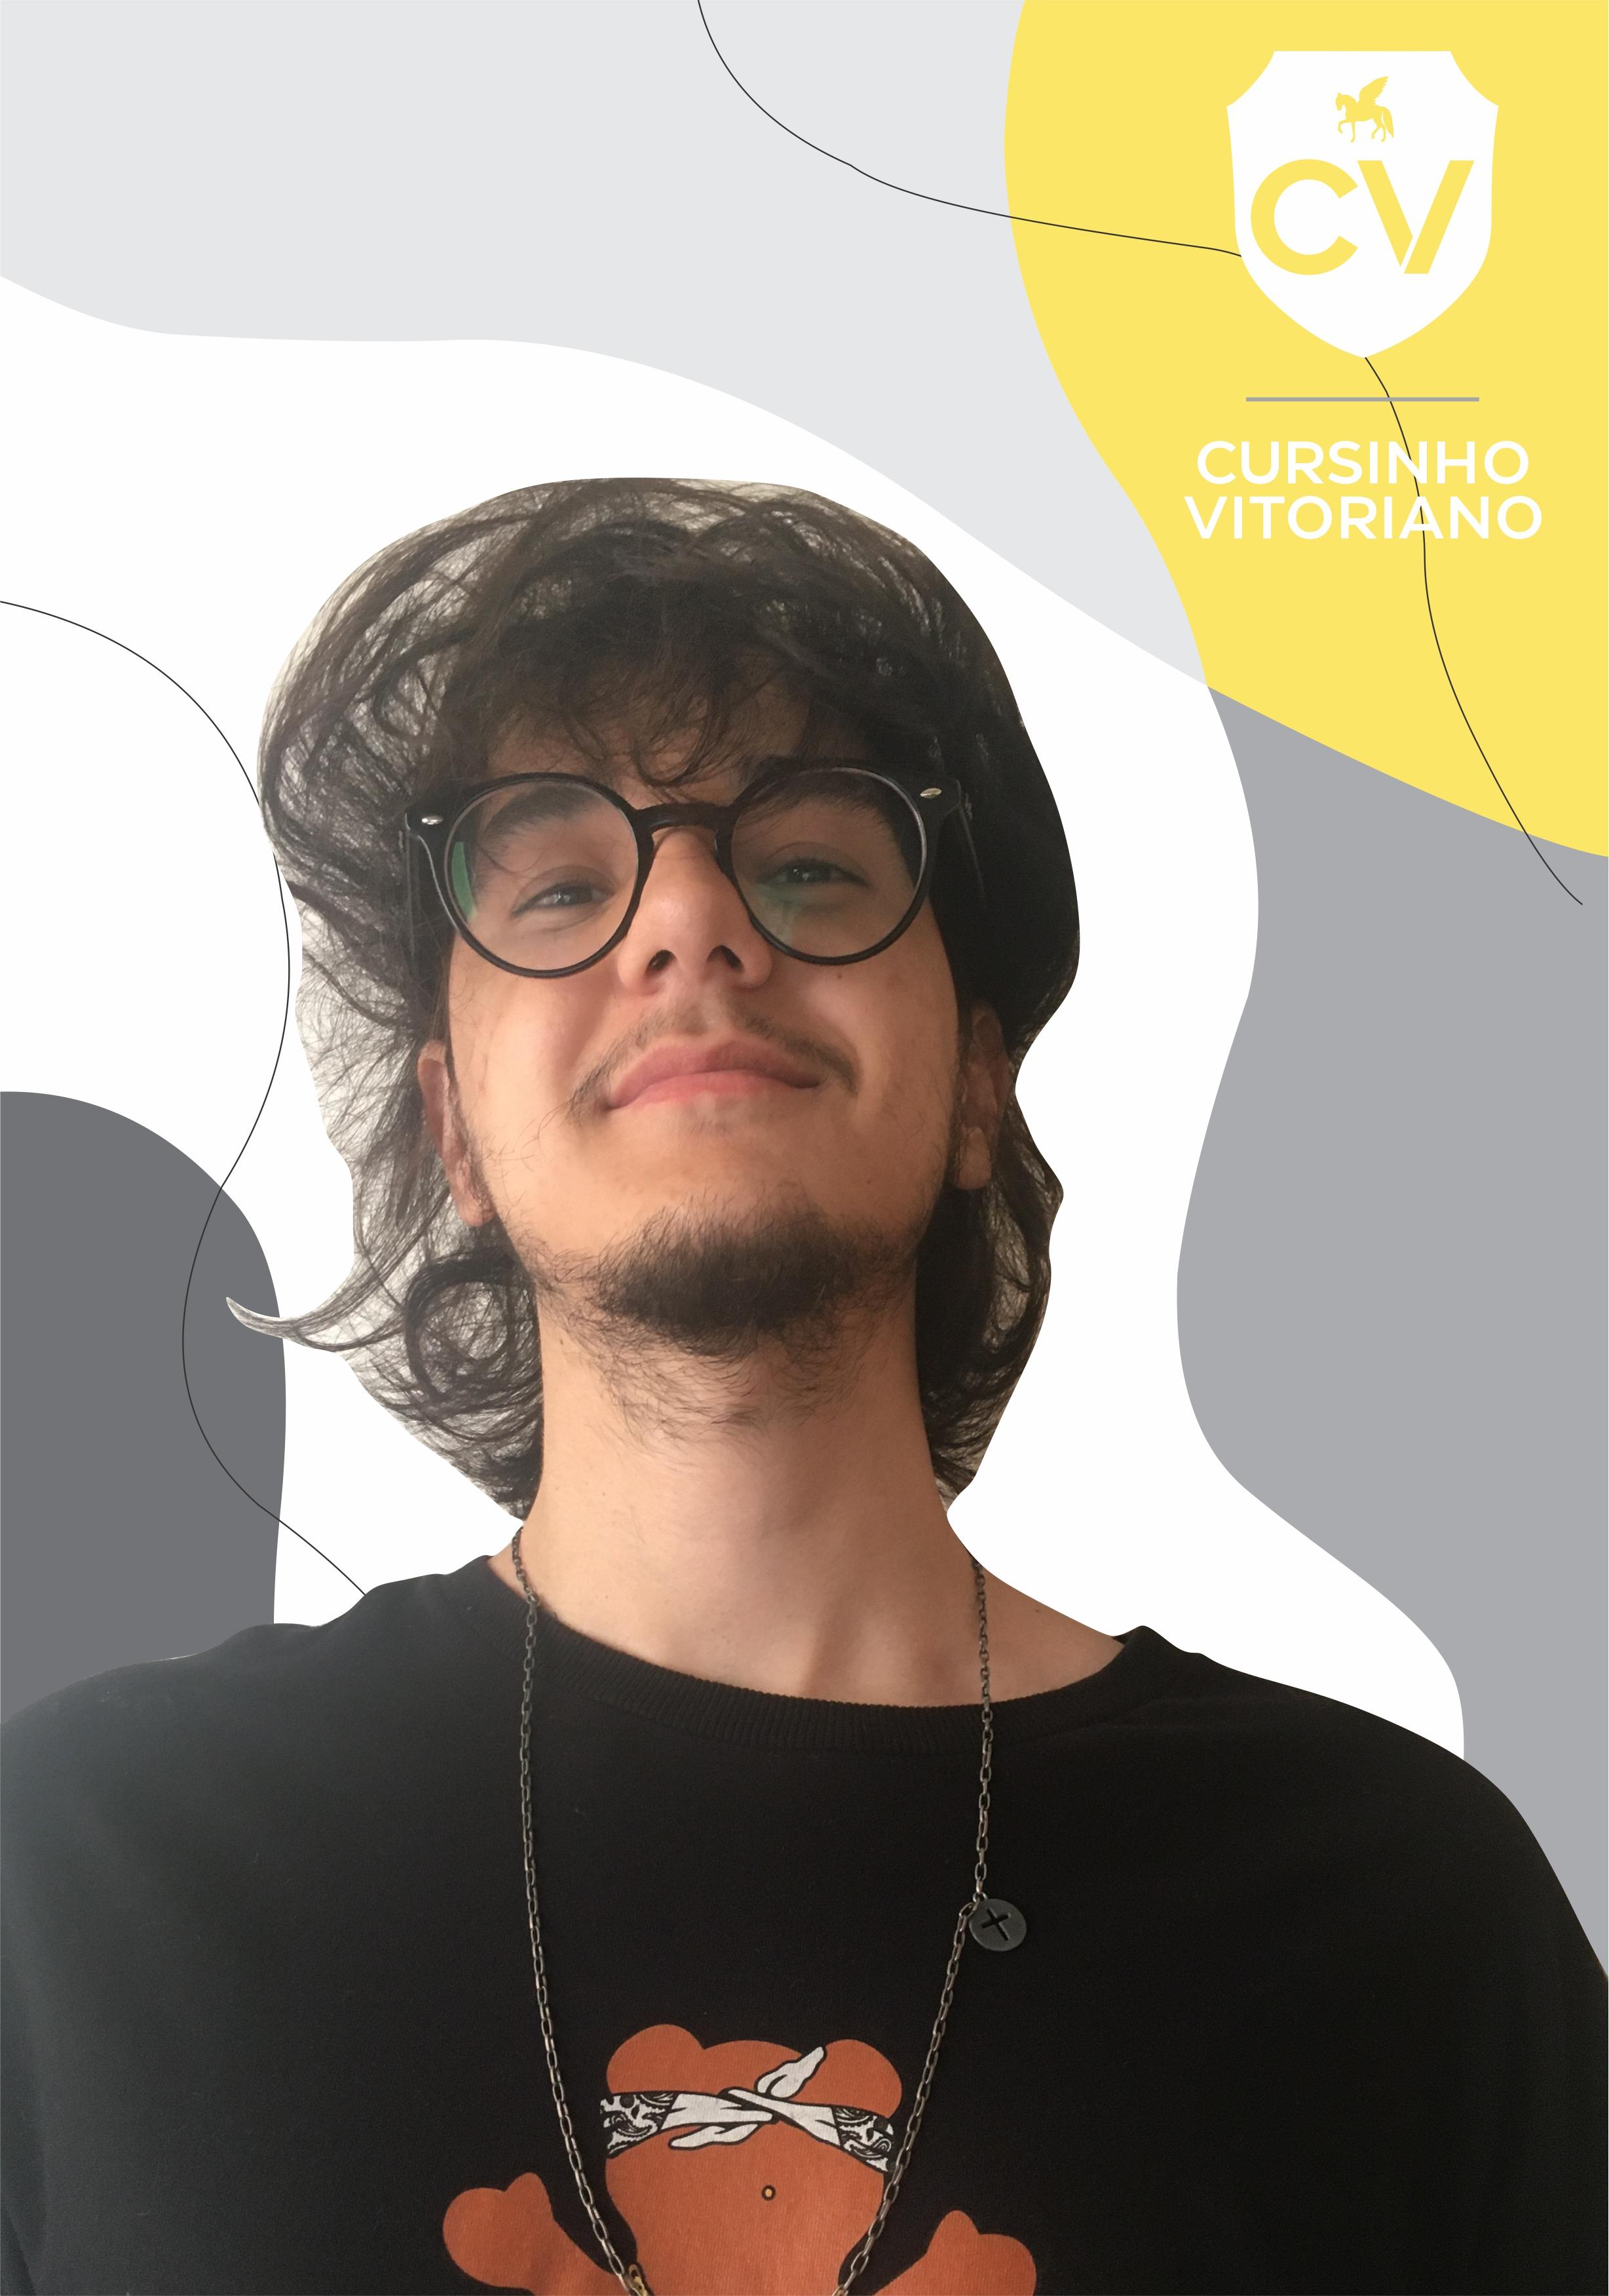 Gabriel Carlos Gomes